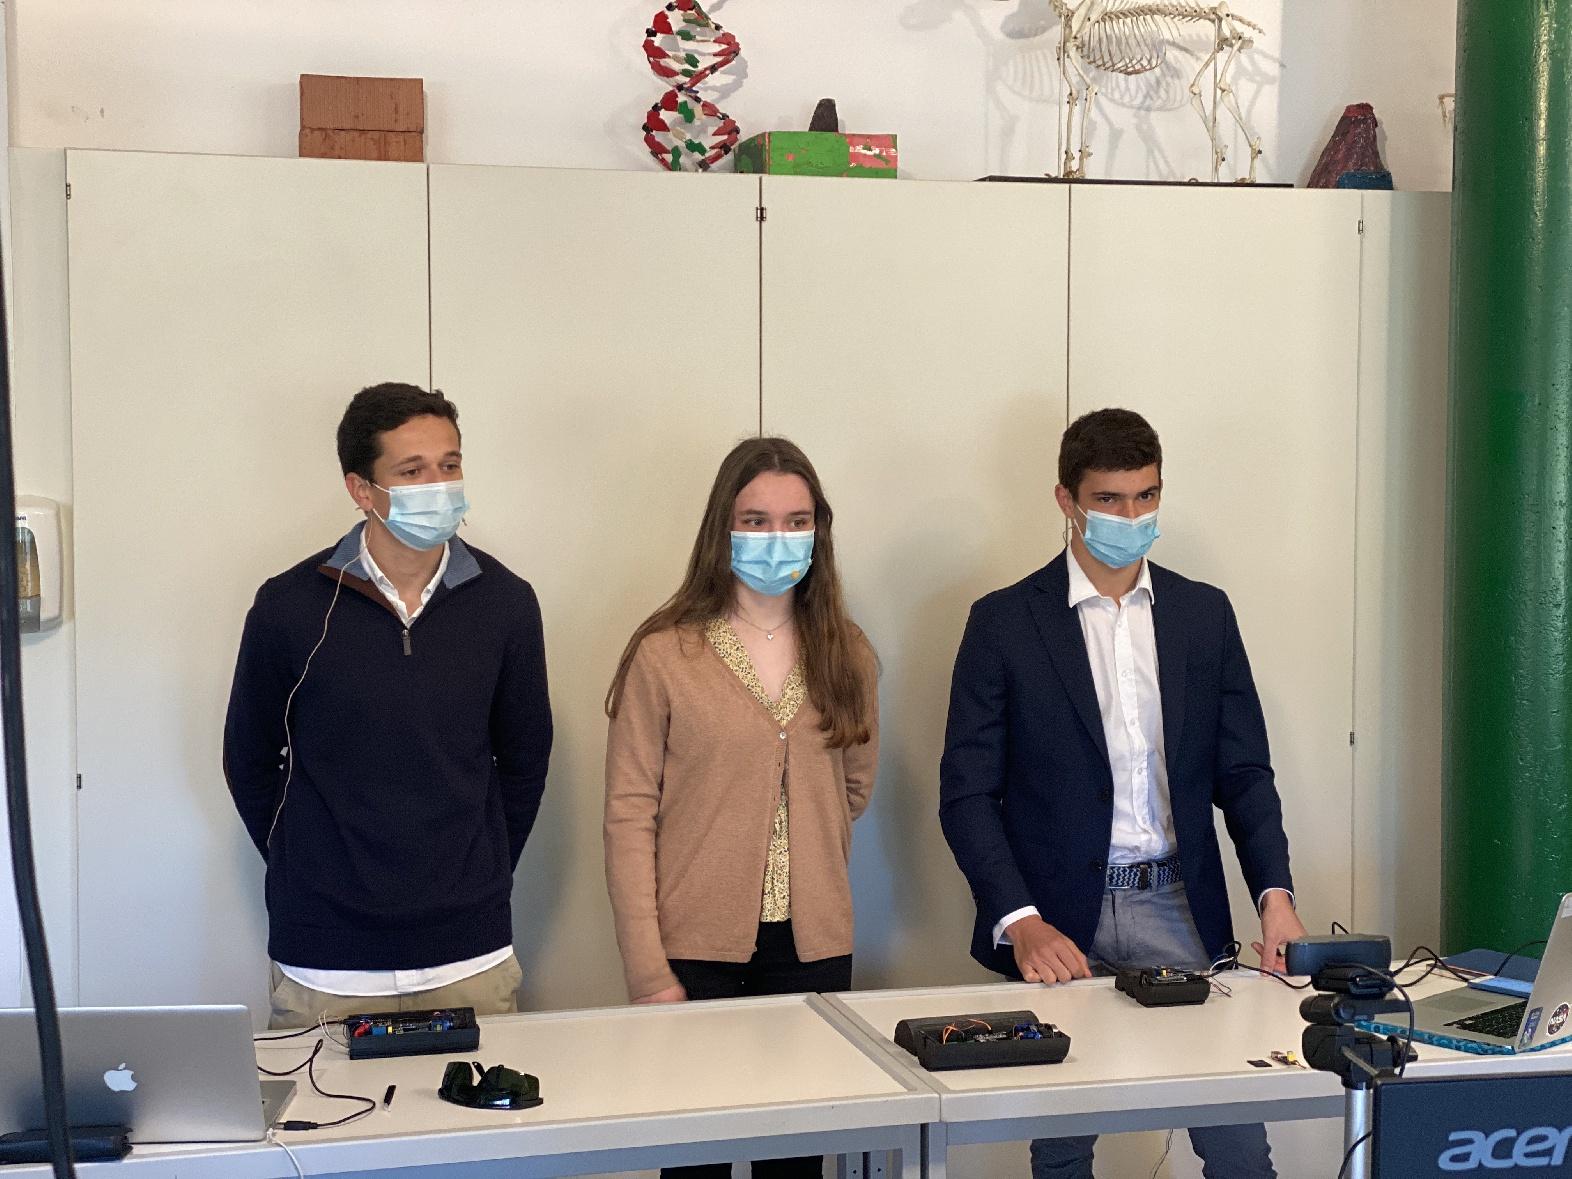 Magnífico resultado de nuestros alumnos en el concurso de Land NRW de Jugend Forscht!